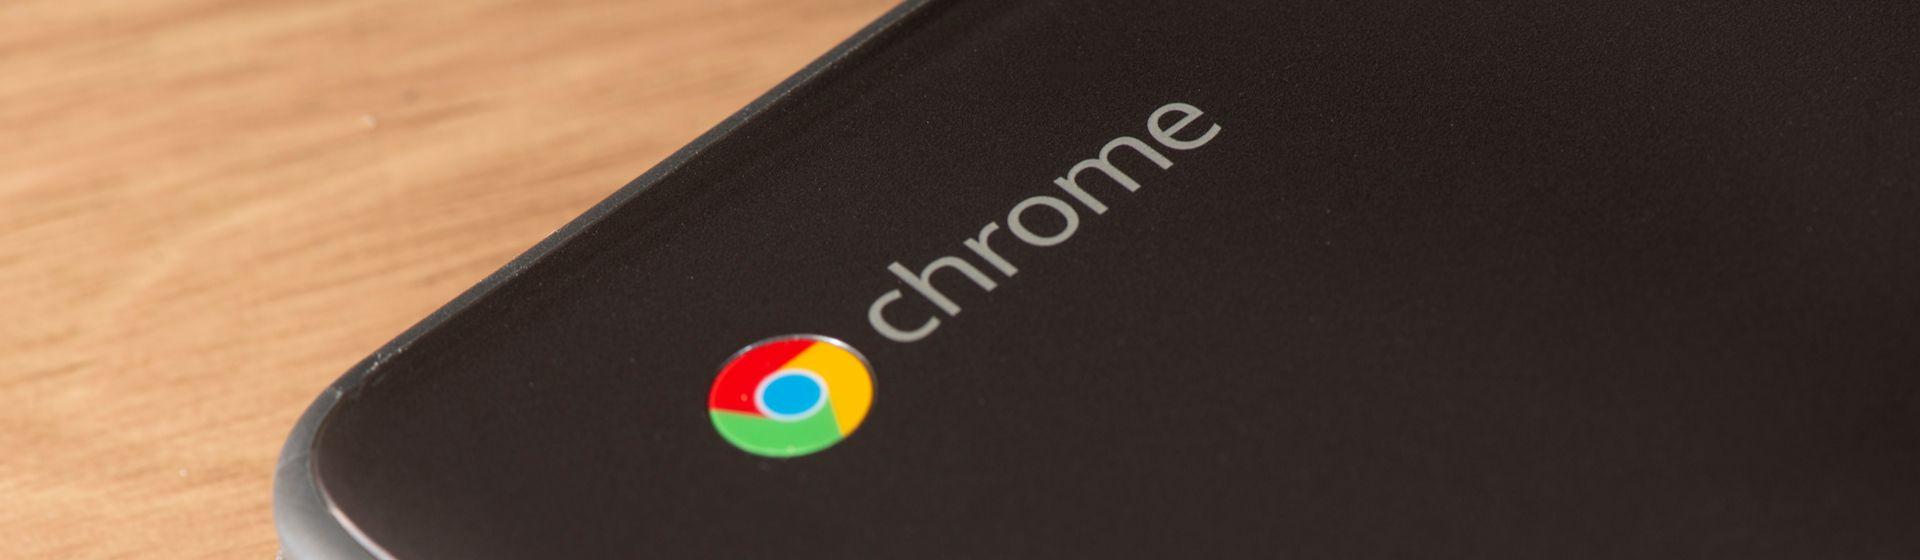 Lenovo lança novo Chromebook 3 com promessa de preço barato